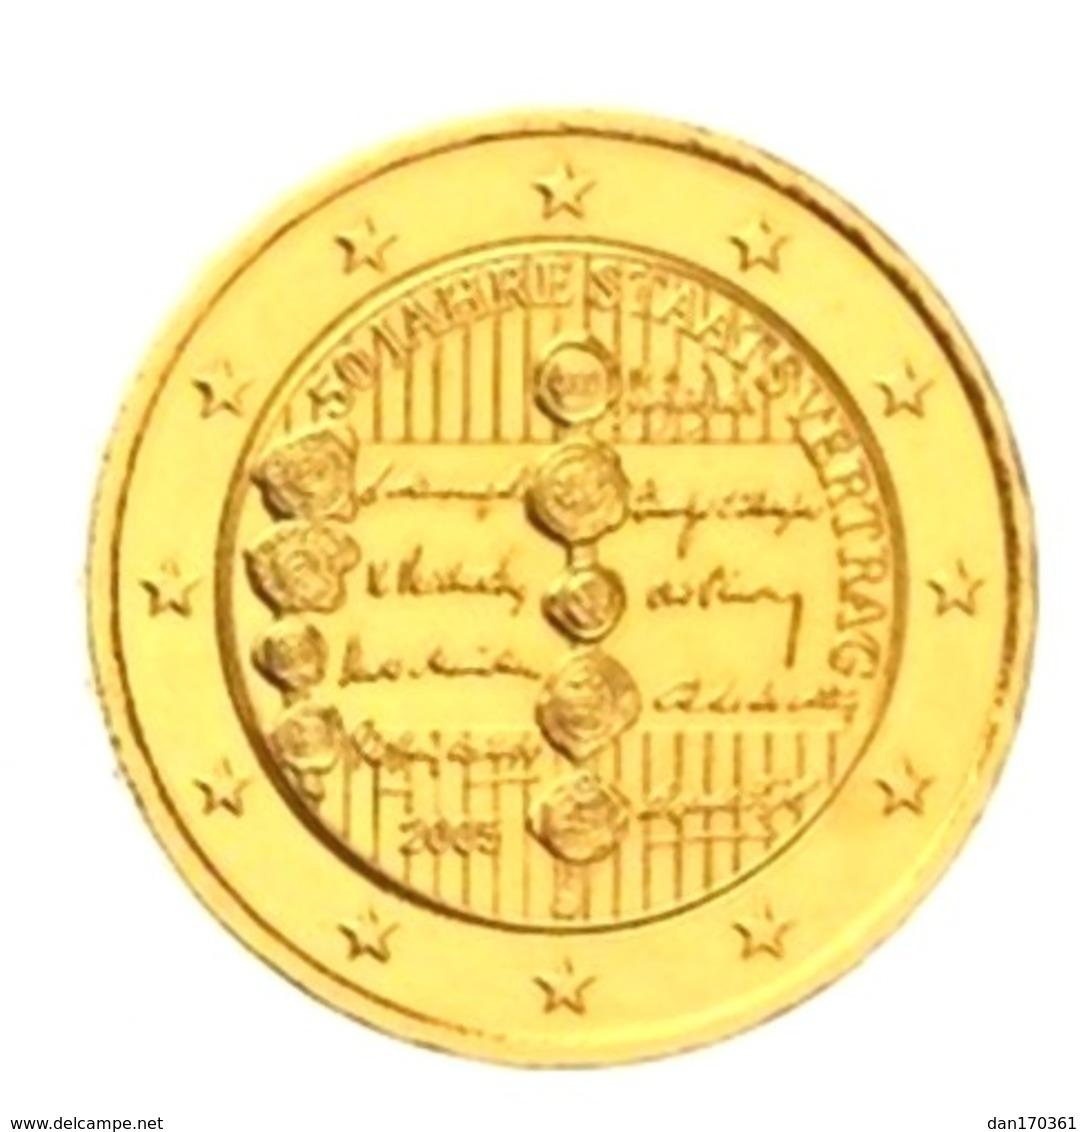 AUTRICHE  2005 - 2 EUROS COMMEMORATIVE - TRAITE D'ETAT AUTRICHIEN - PLAQUE OR - Autriche